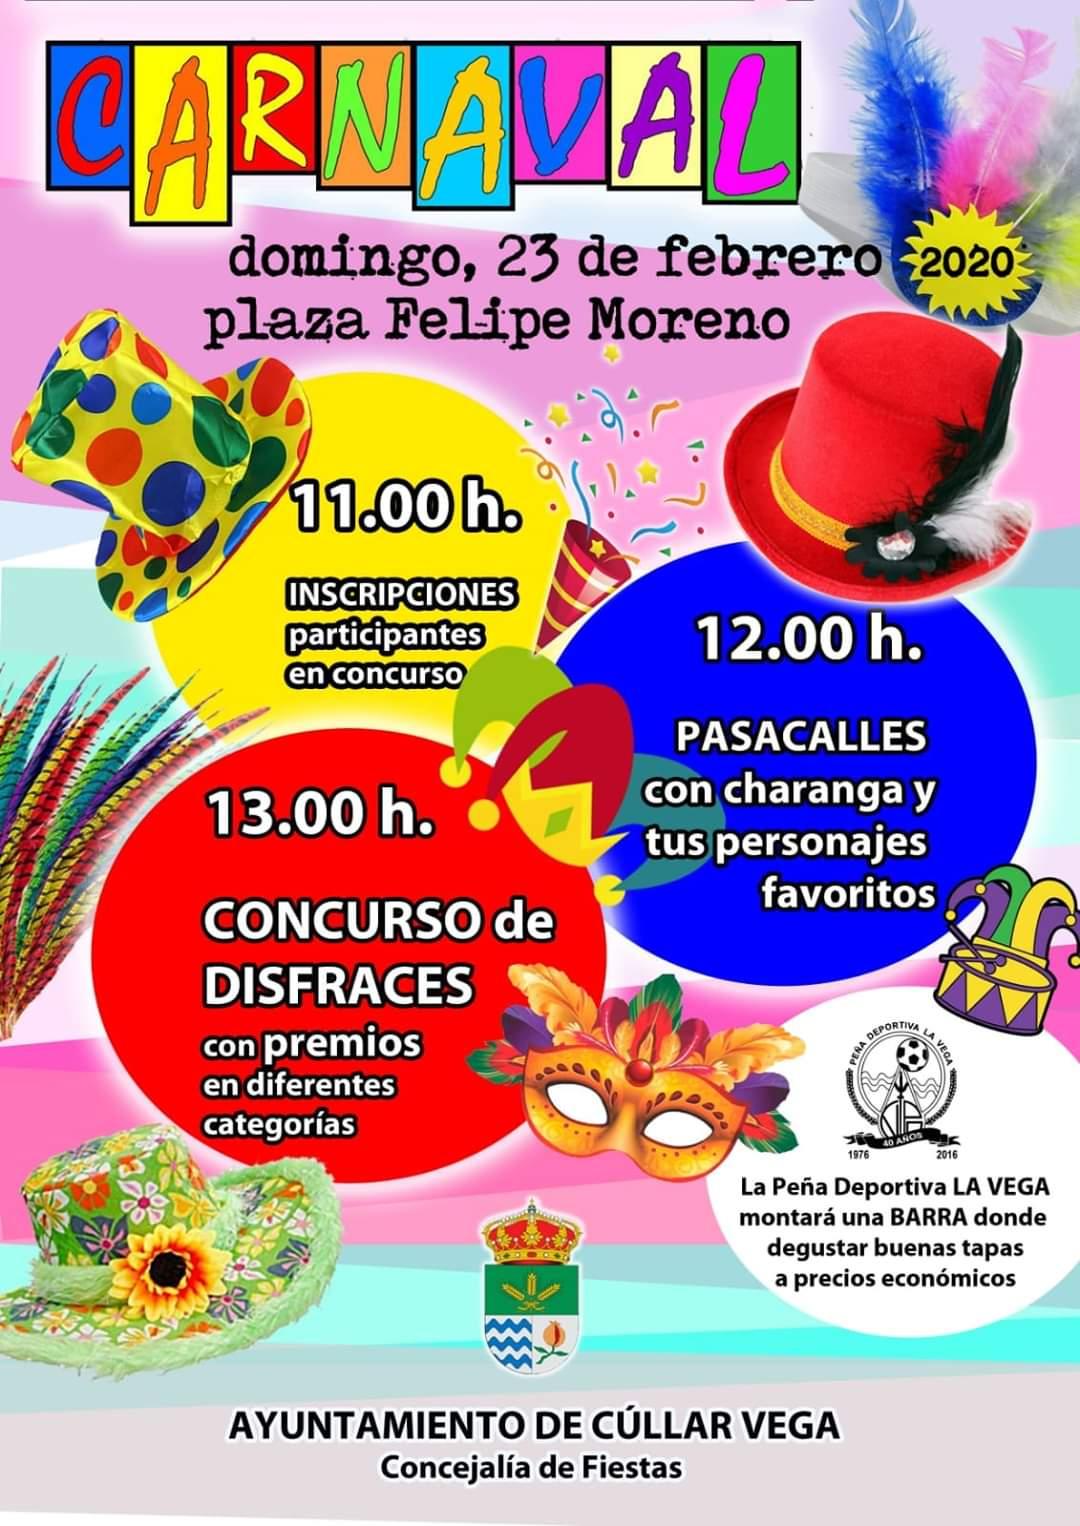 Cúllar Vega celebrará su carnaval con un gran concurso de disfraces